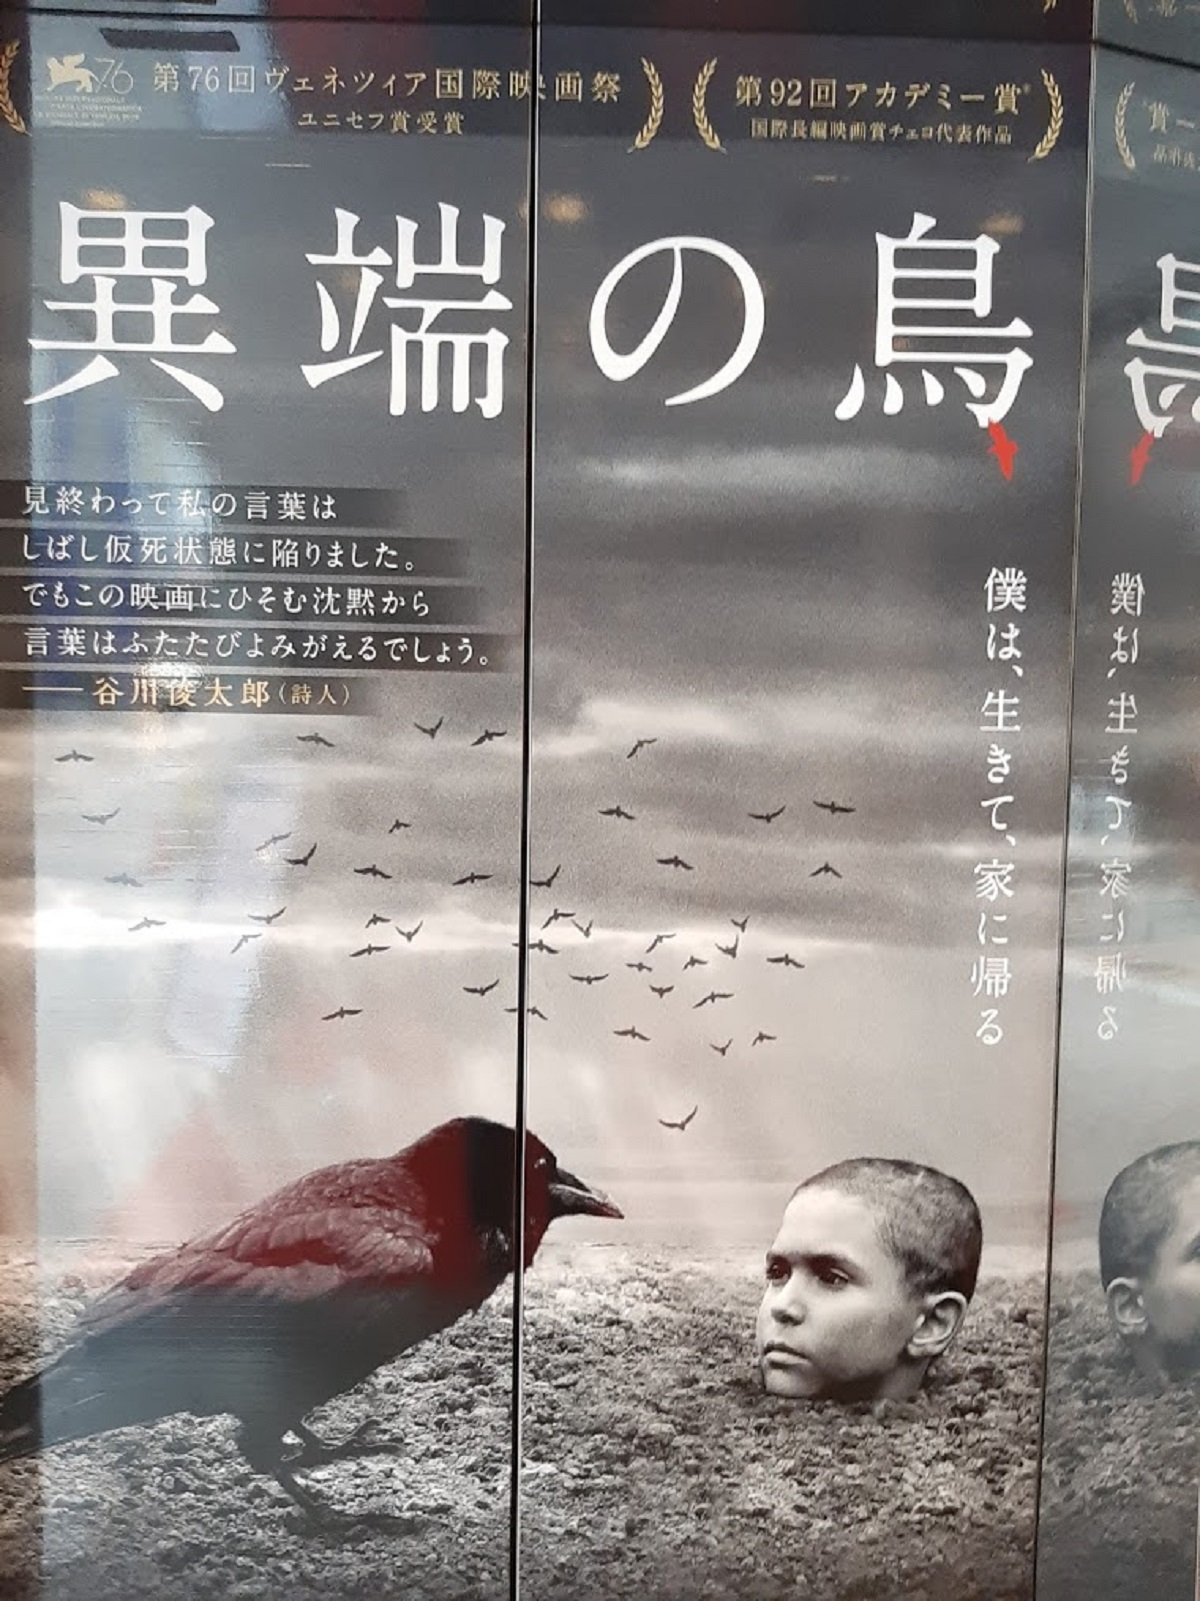 映画『異端の鳥』のチラシポスター